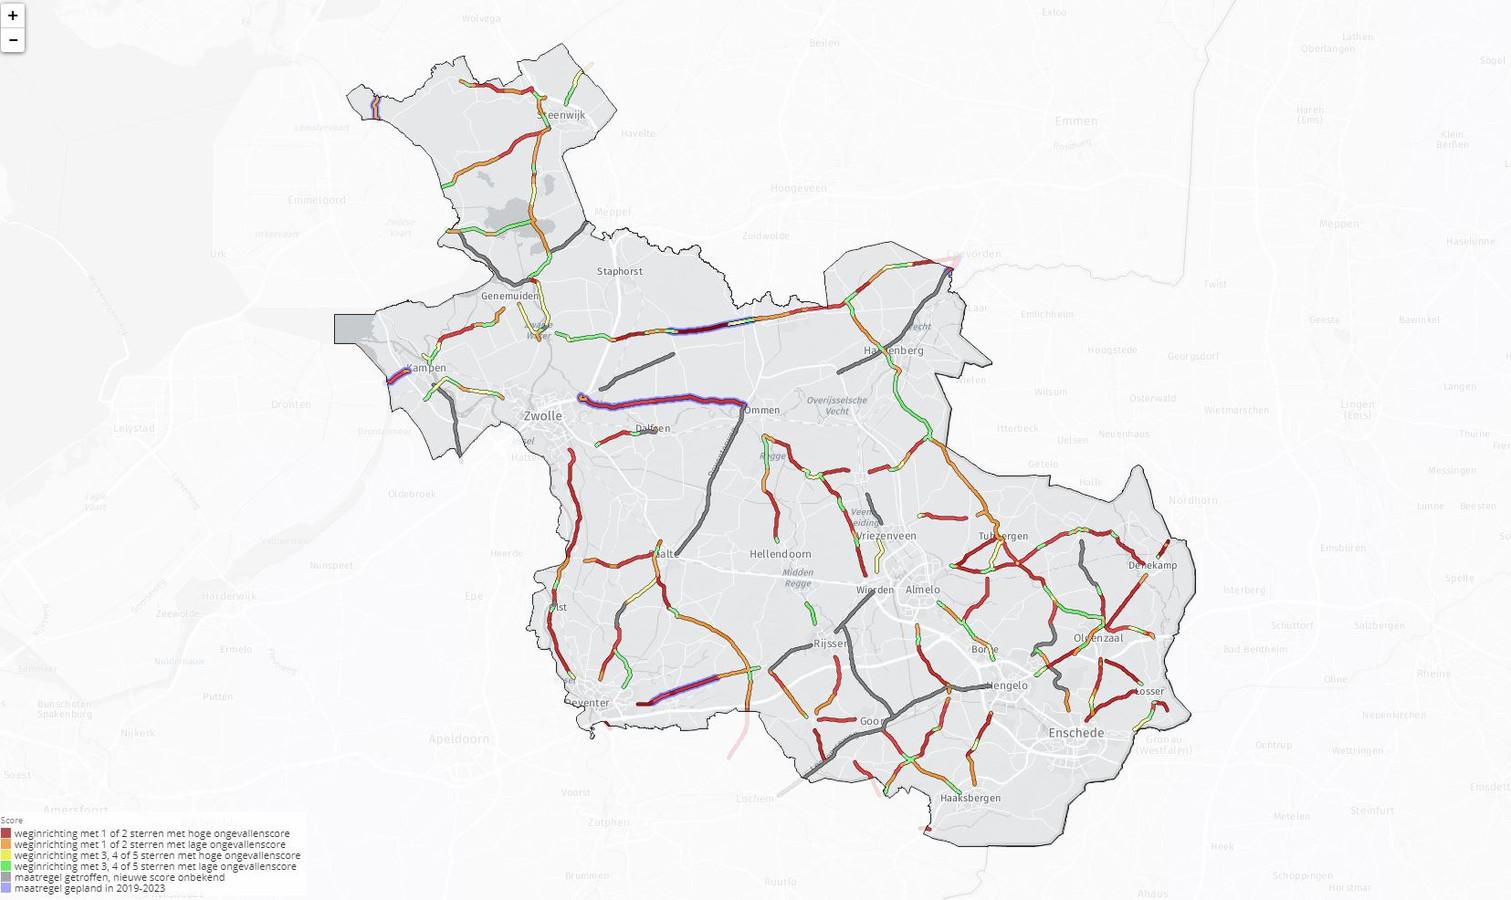 De kaart van Overijssel. Rood staat voor de gevaarlijkste categorie weg